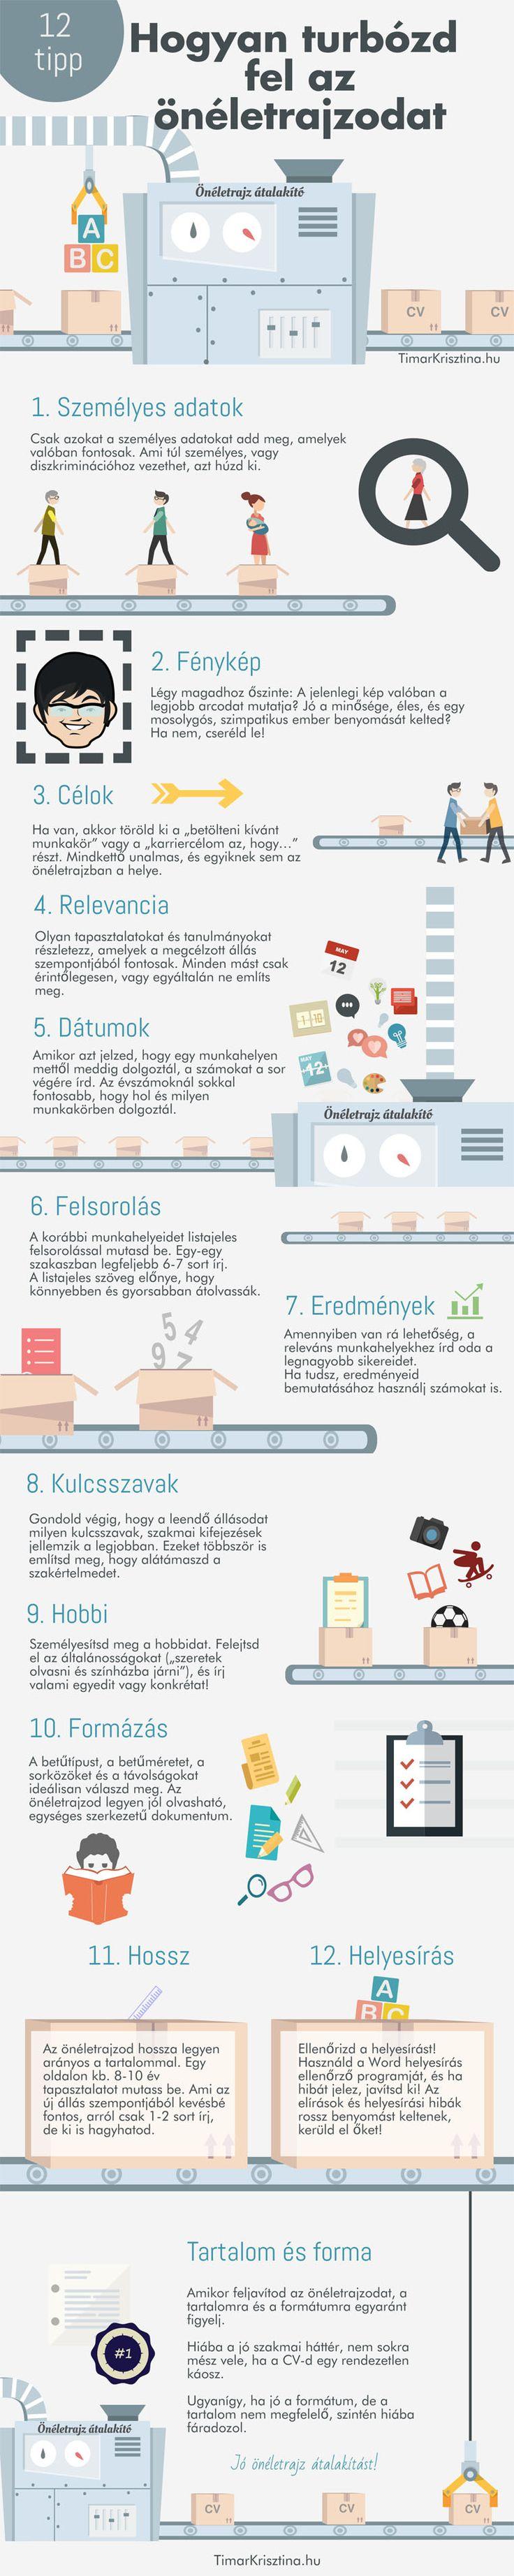 12 tipp, hogyan turbózd fel az önéletrajzodat - Timár Krisztina  #infografika #infographic #önéletrajz #cv #resume